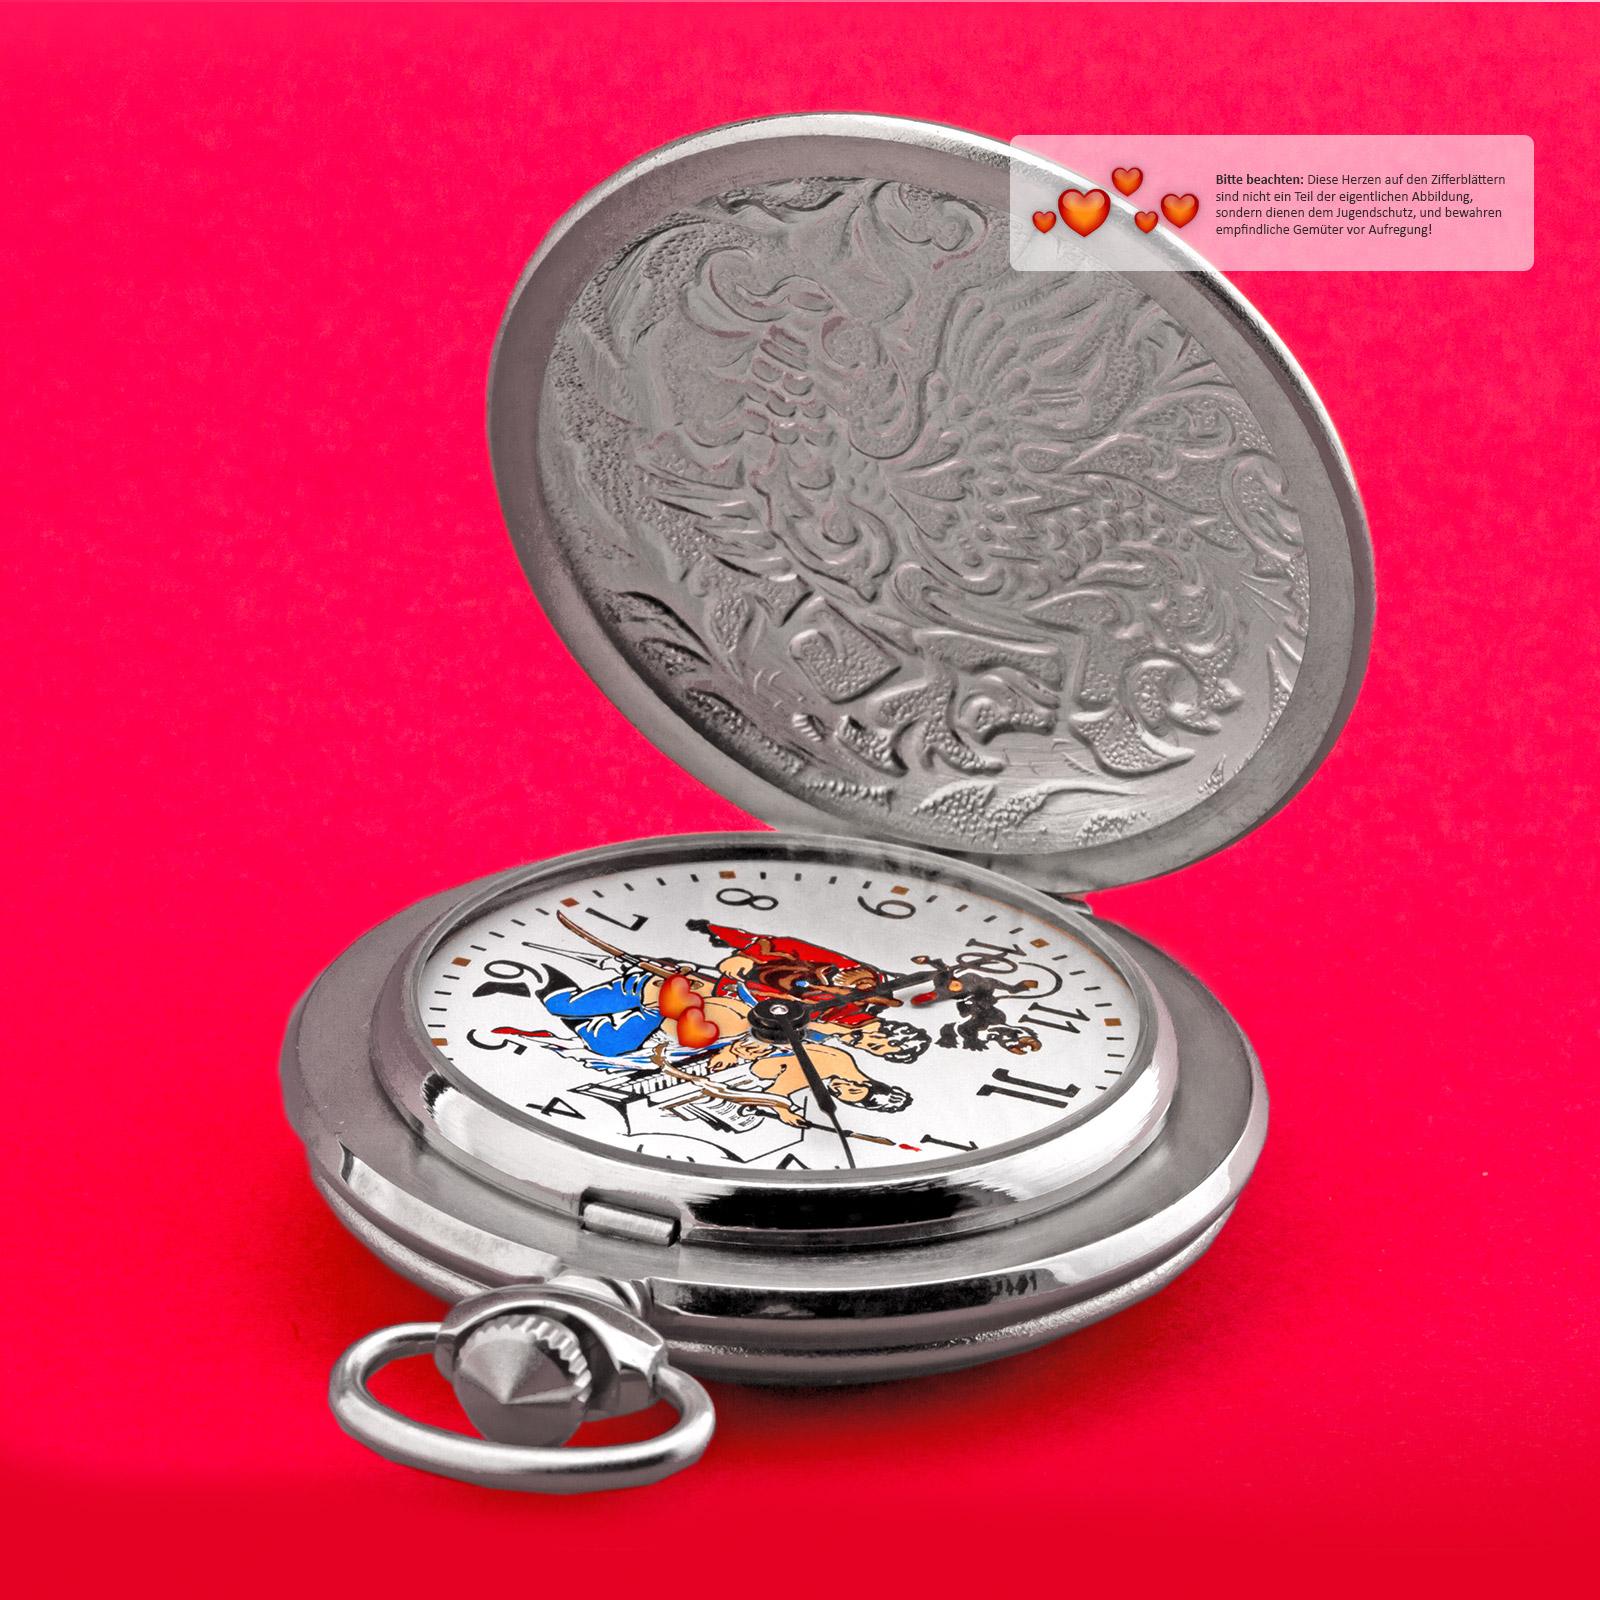 EROTIK-Taschenuhr-sexspielzeug-Pilot-Husar-Piano-mechanische-Uhr-3602-MOLNIJA-JL Indexbild 26